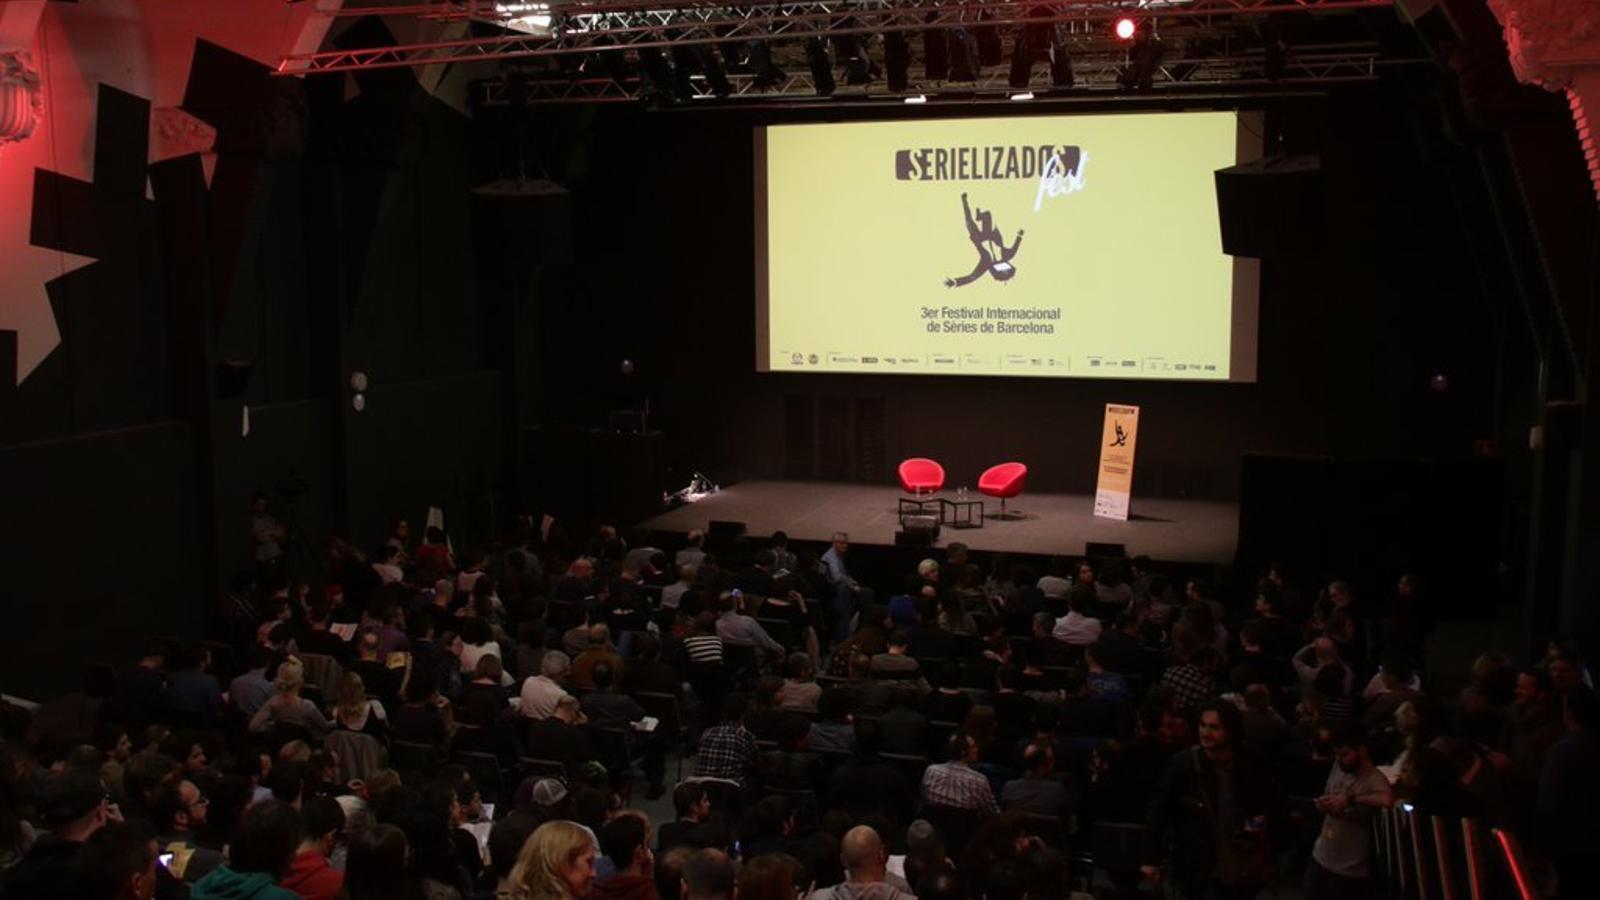 El Serielizados Fest 2019 tindrà una edició a Madrid